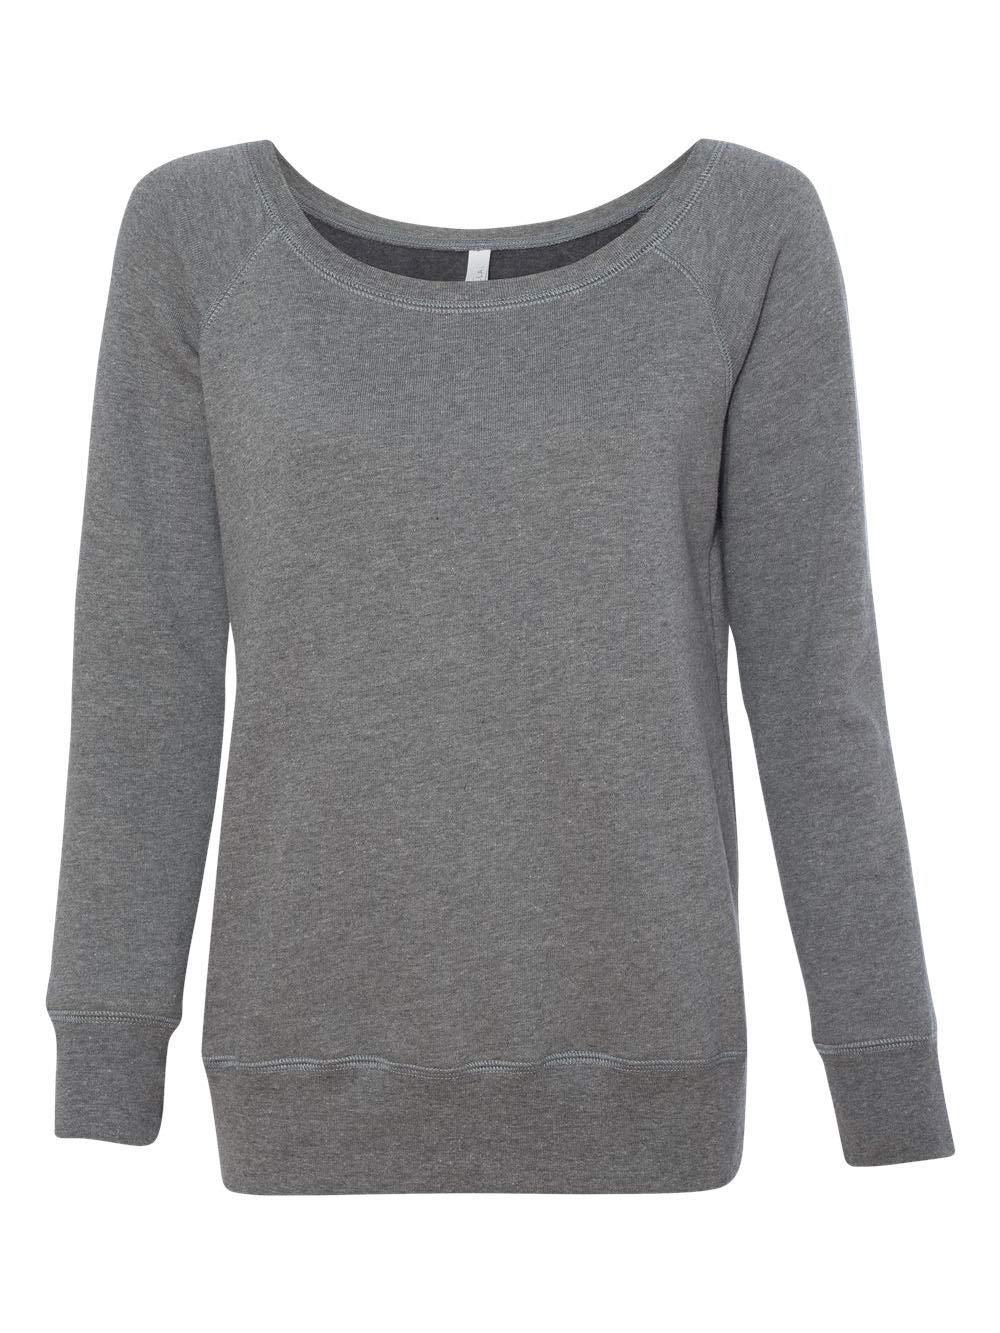 Bella 7501 Womens Sponge Fleece Wide Neck Sweatshirt - Deep Heather, Extra Large